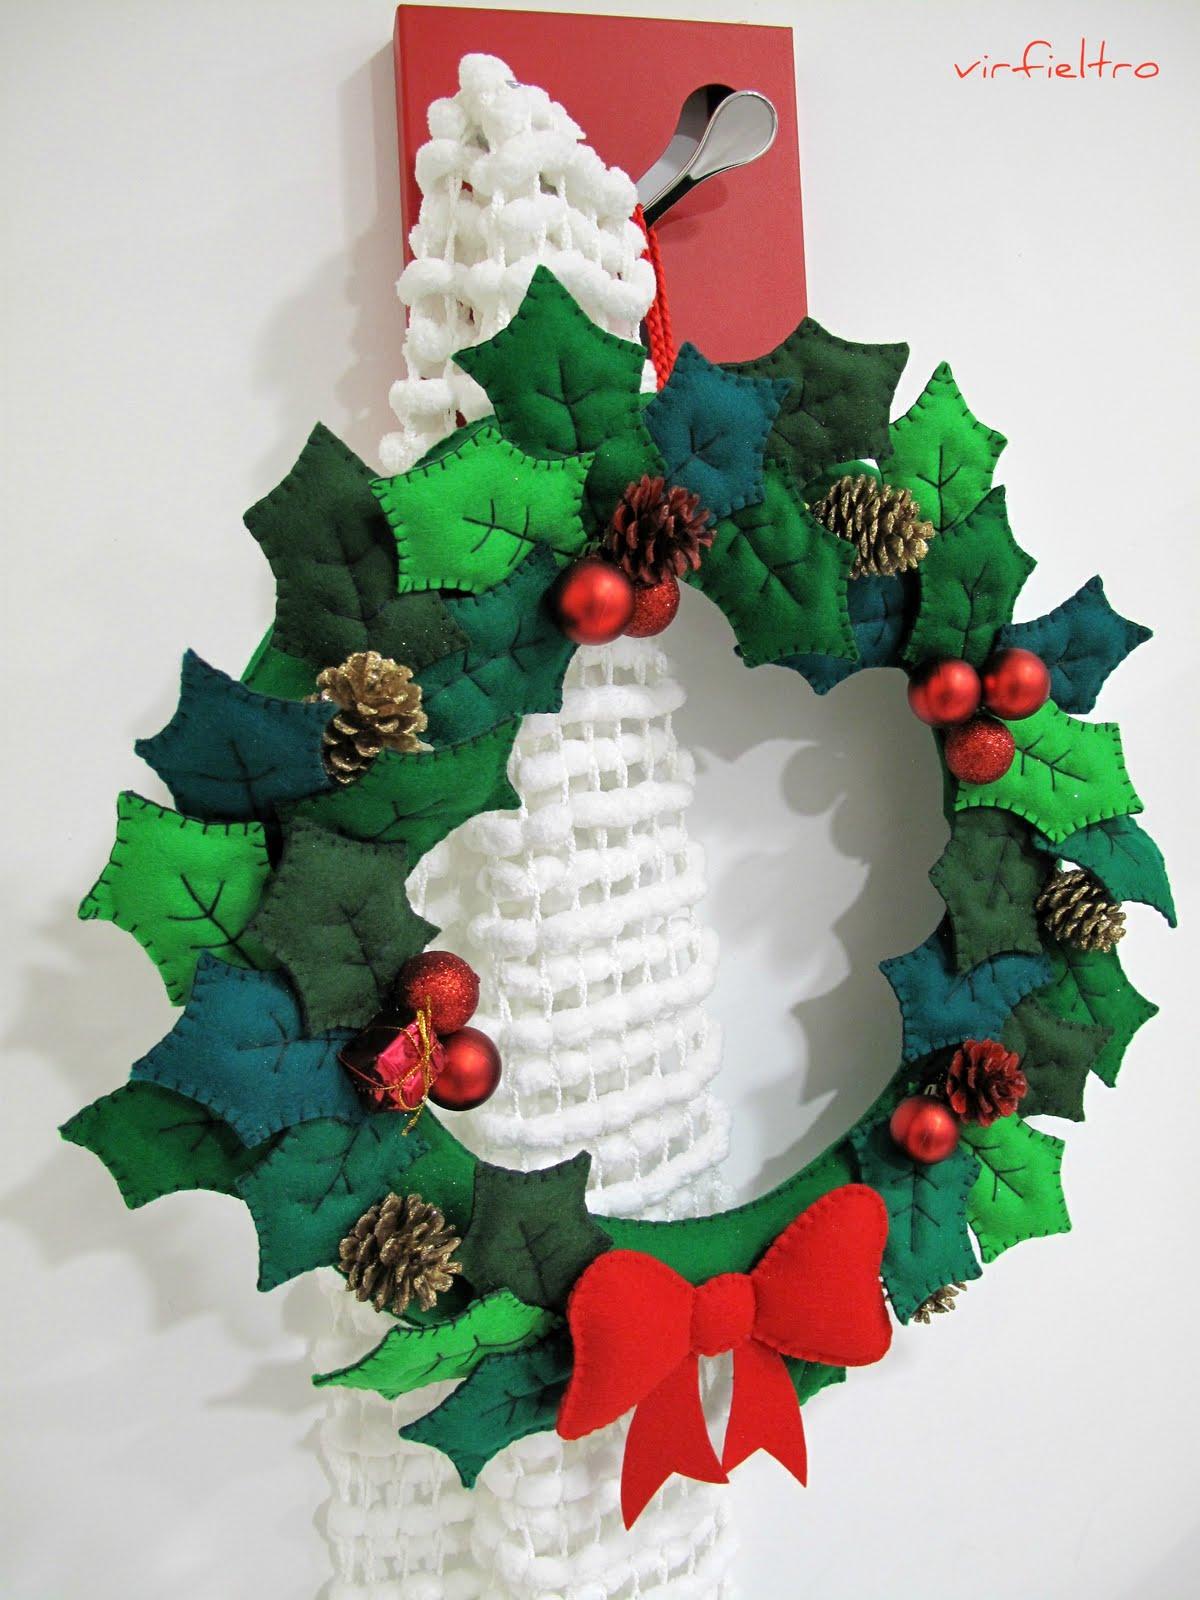 Encantador Decoracin Navidad Fieltro Imgenes Ideas de Decoracin